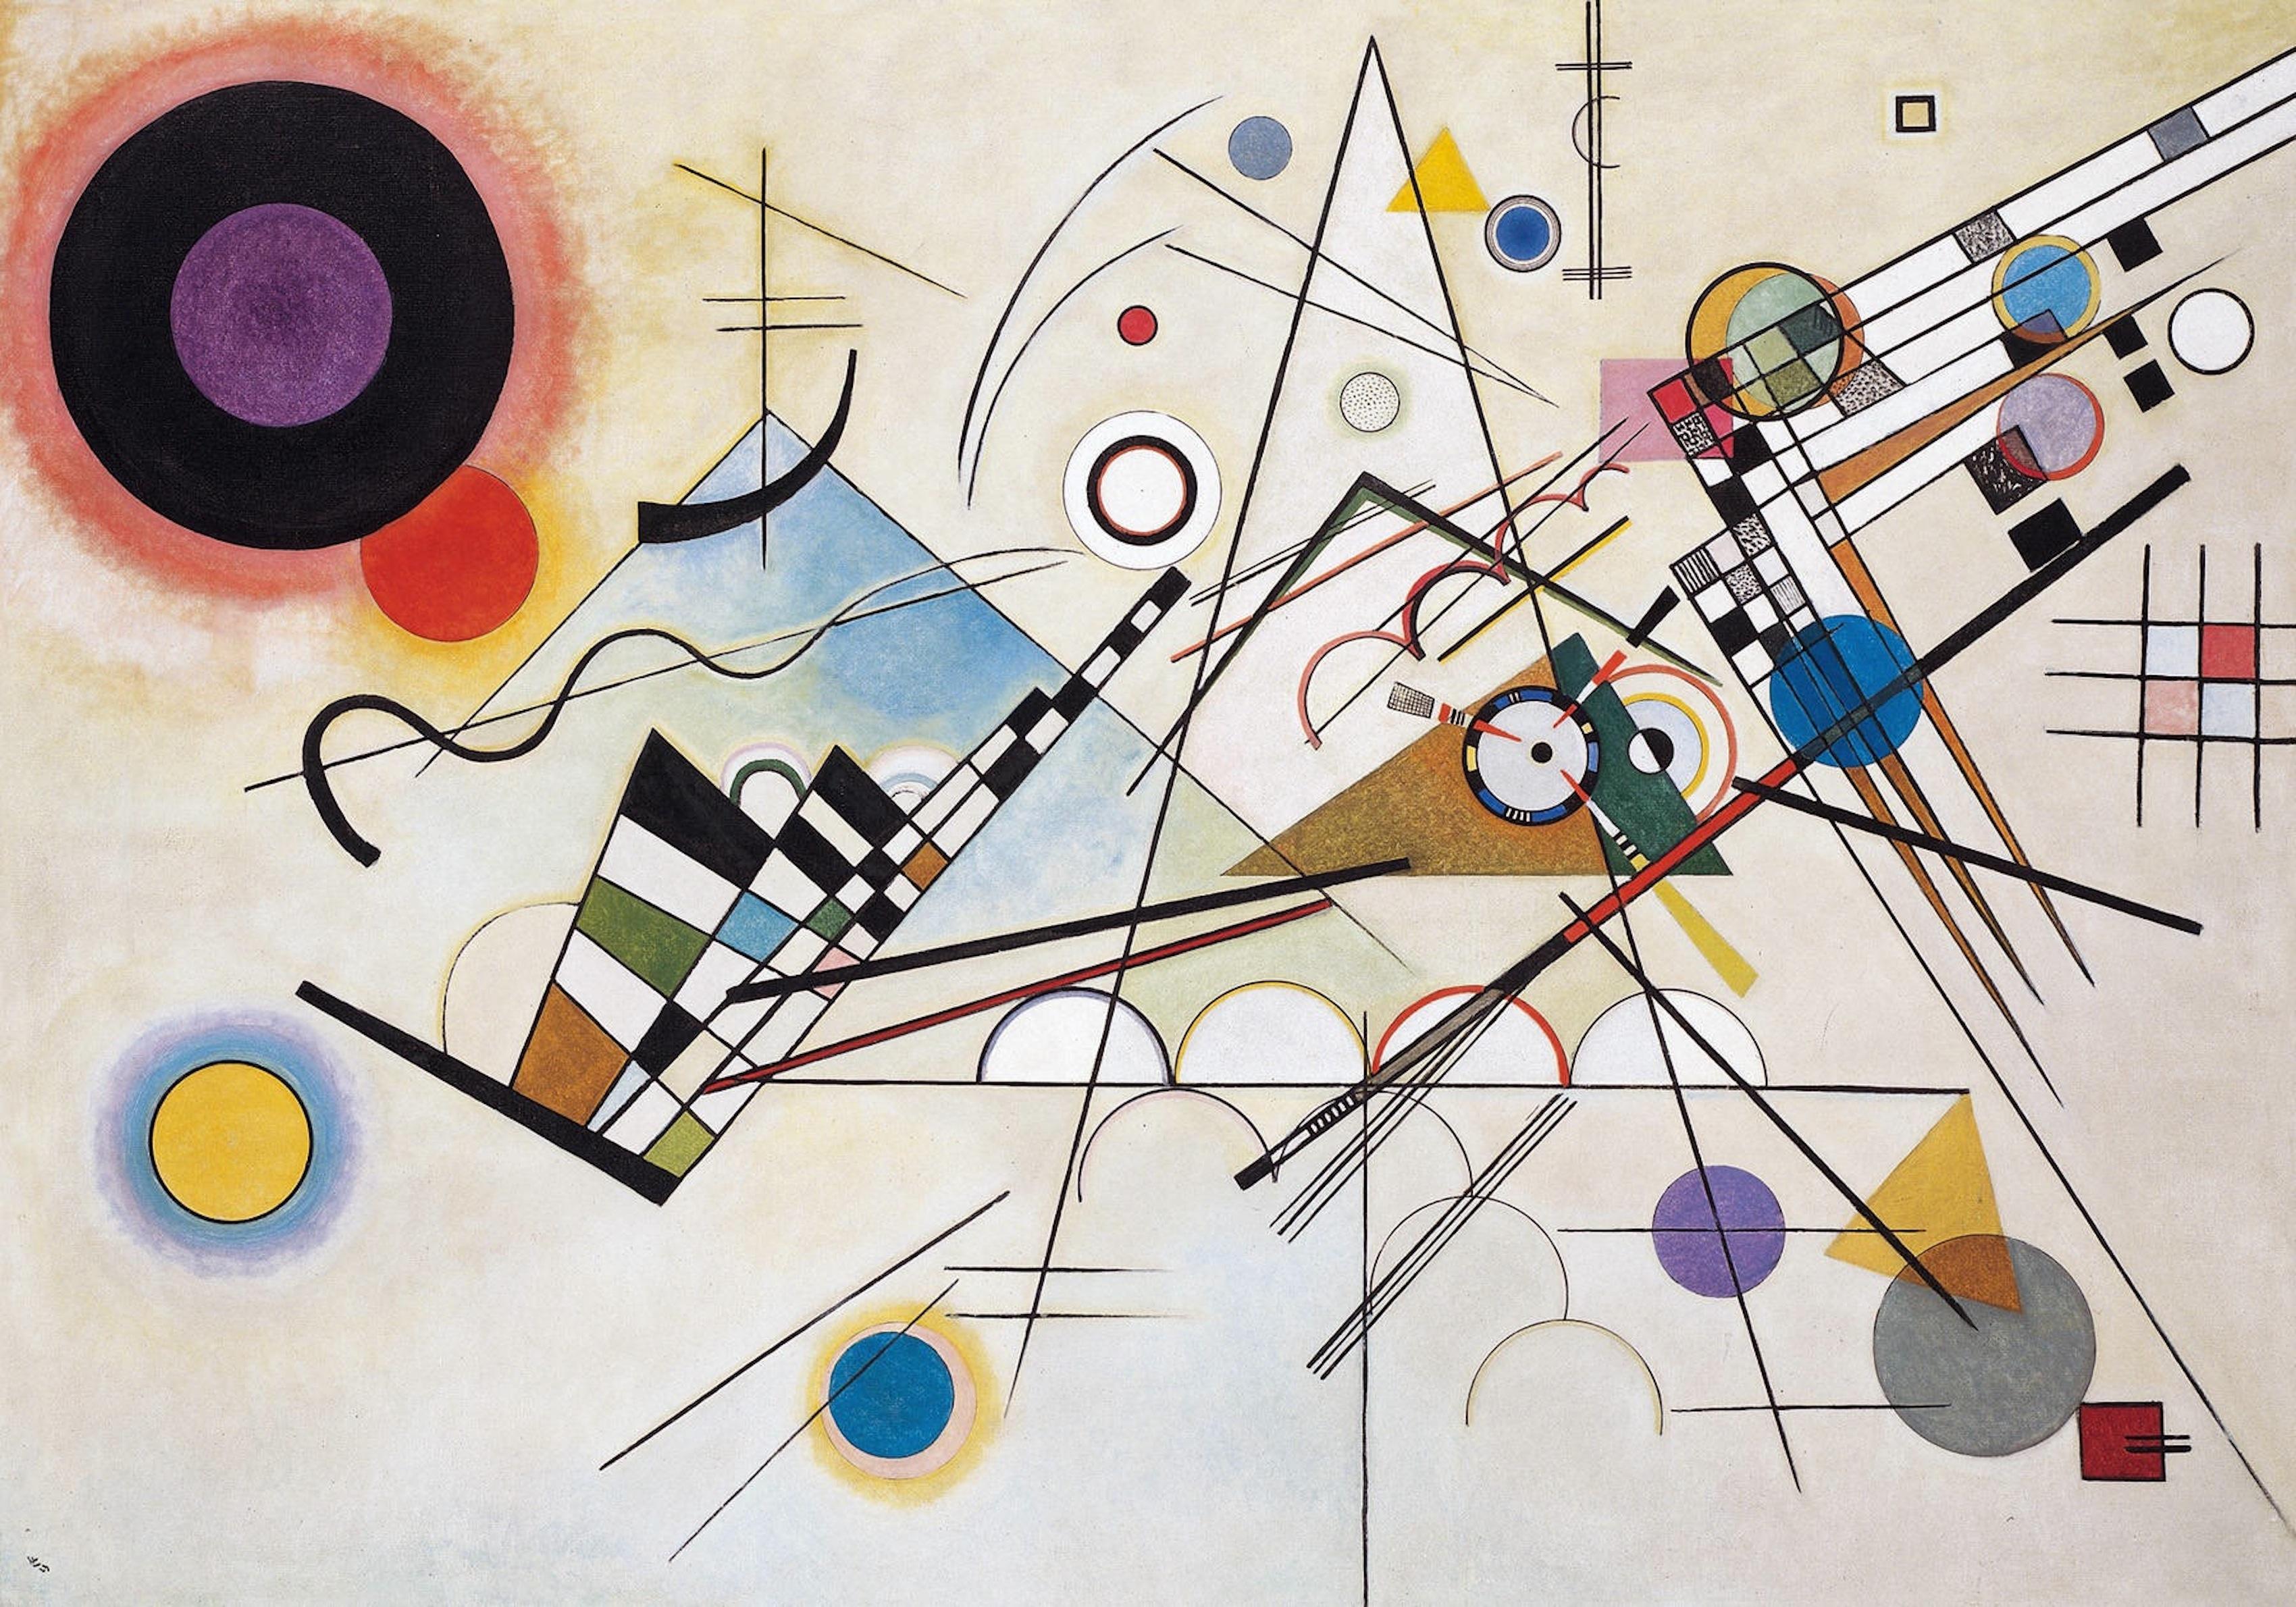 La sinestesia influyó en la obra de Kandinsky